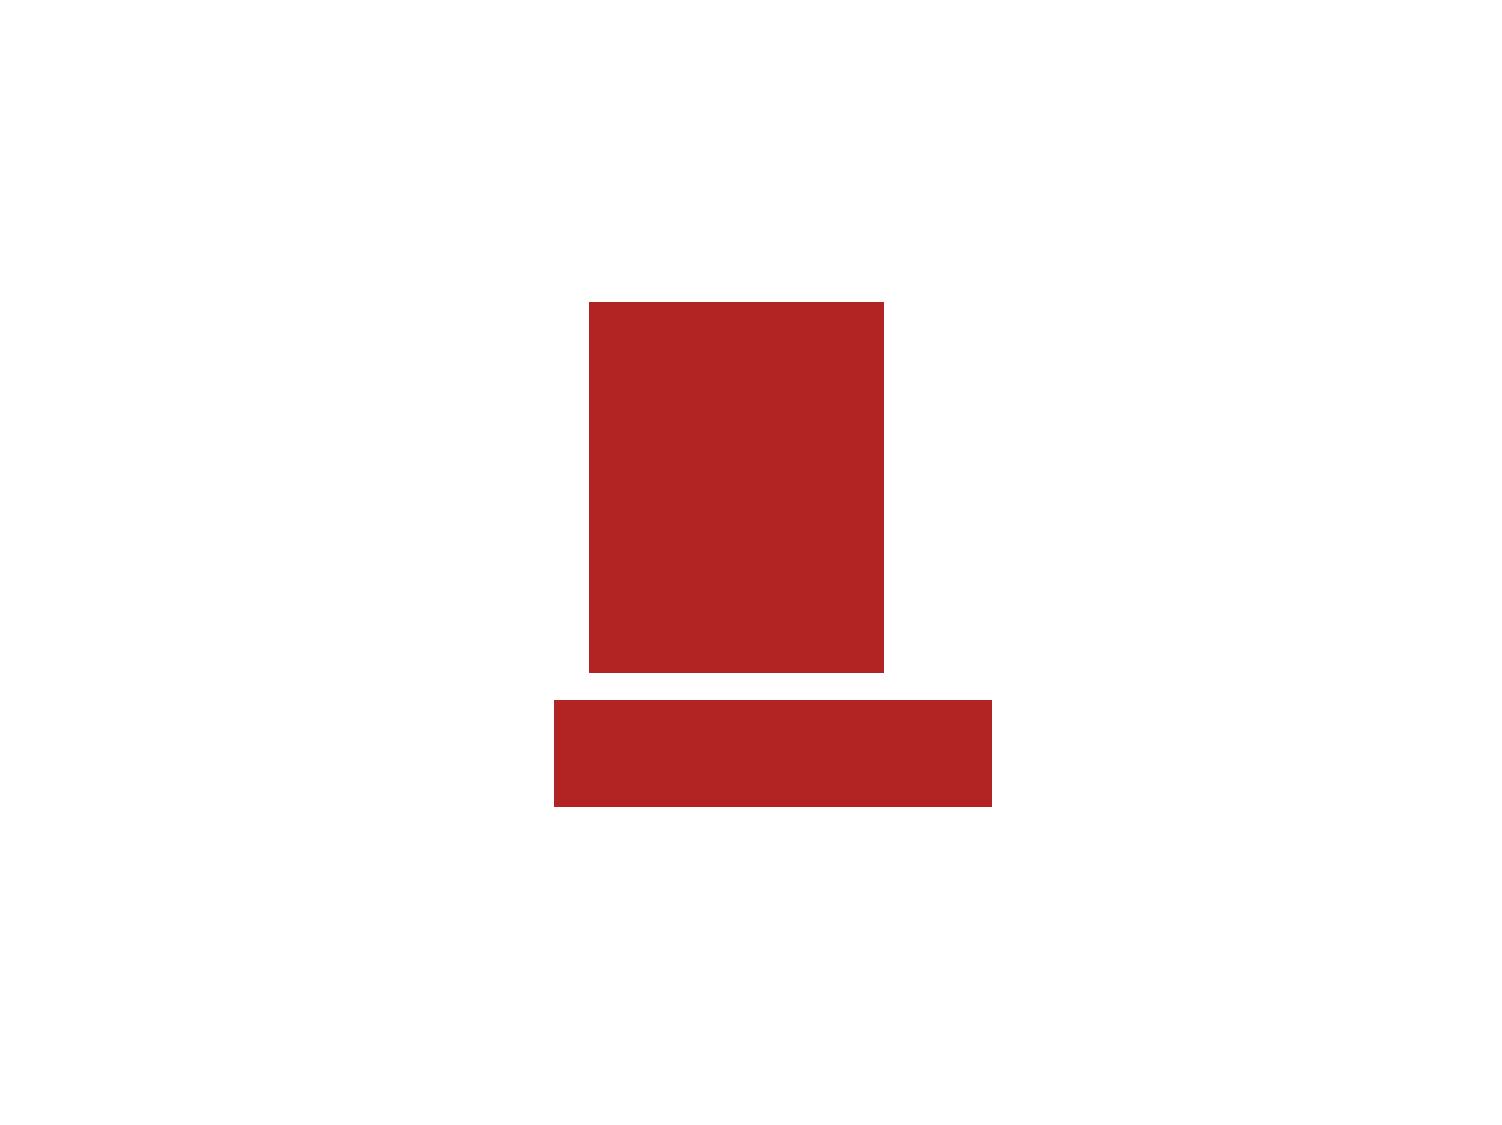 杭州玖零时光电子科技有限公司